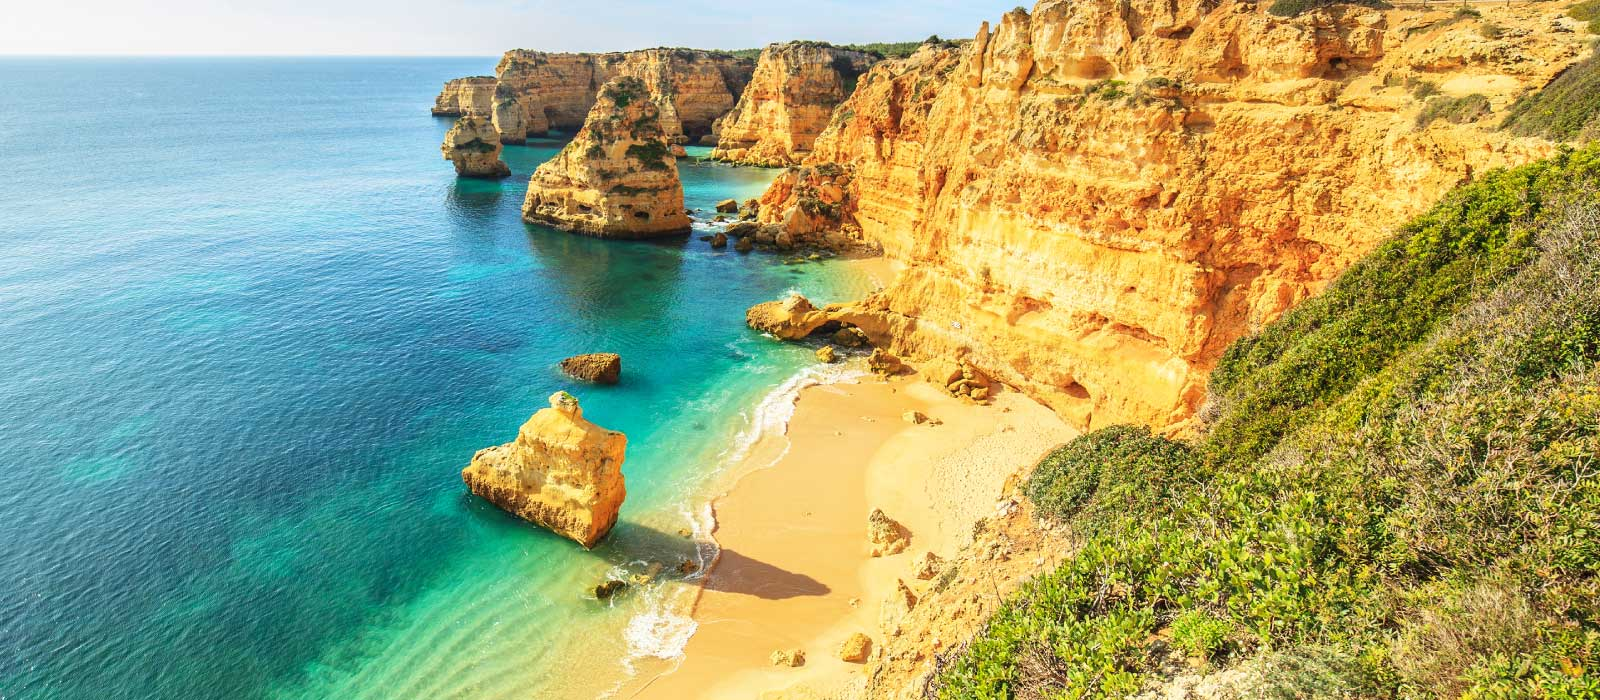 plus-belles-plages-algarve-portugal